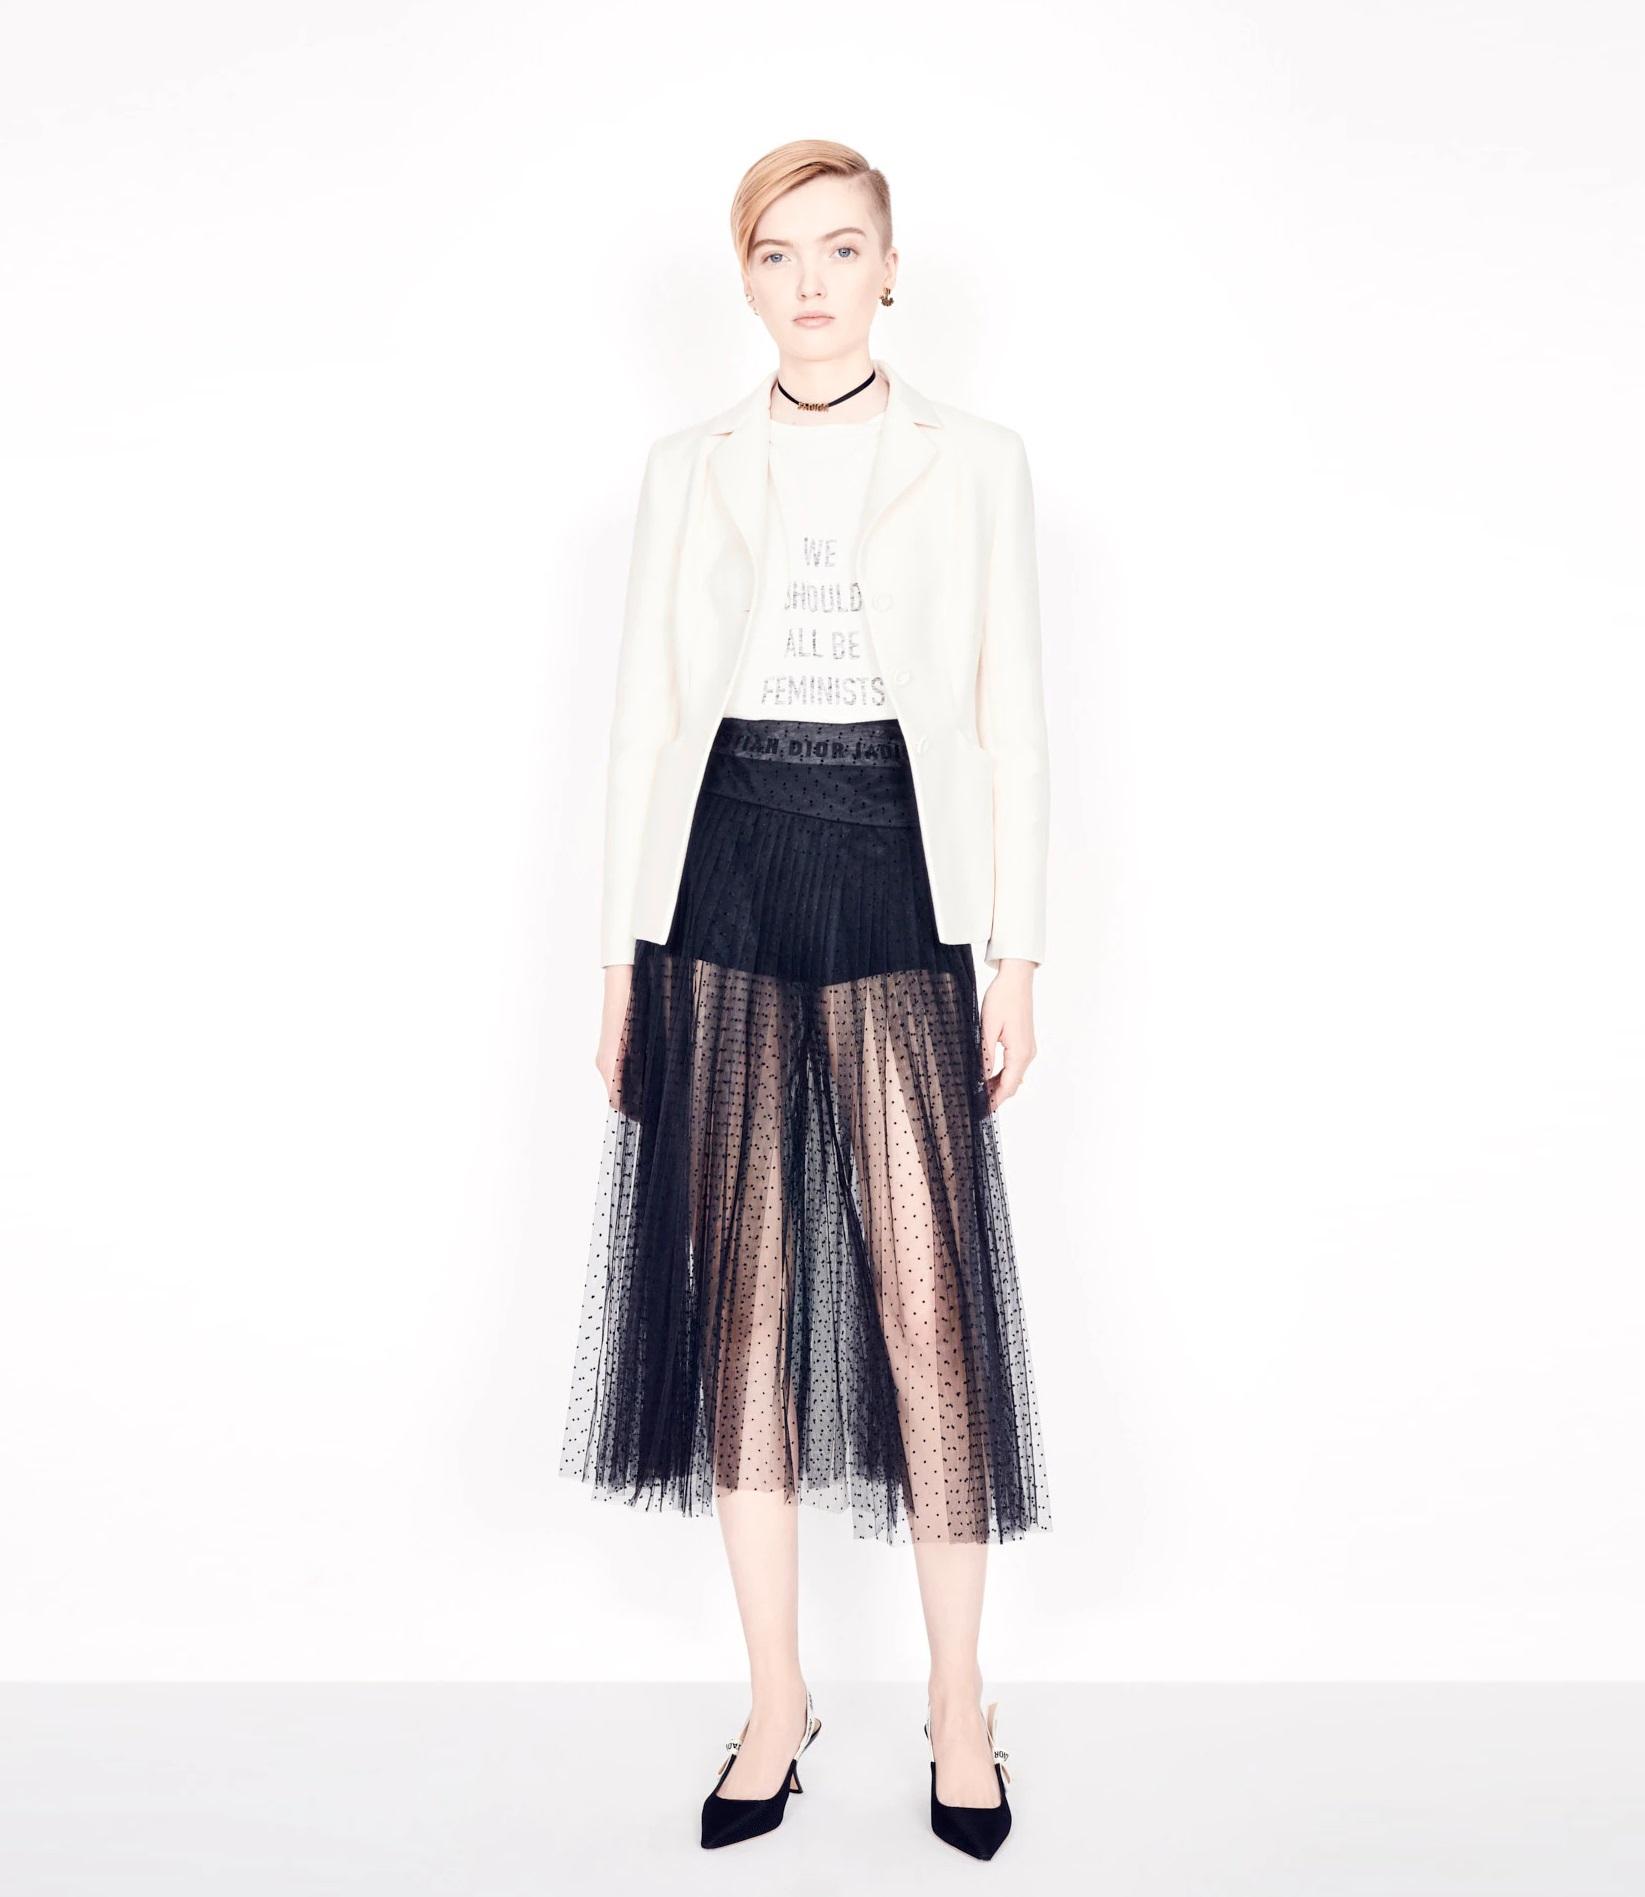 2 mẩu SNSD đụng hàng Dior: Style khác biệt nhưng Yoona hay Sooyoung mới nhỉnh hơn? - Ảnh 4.